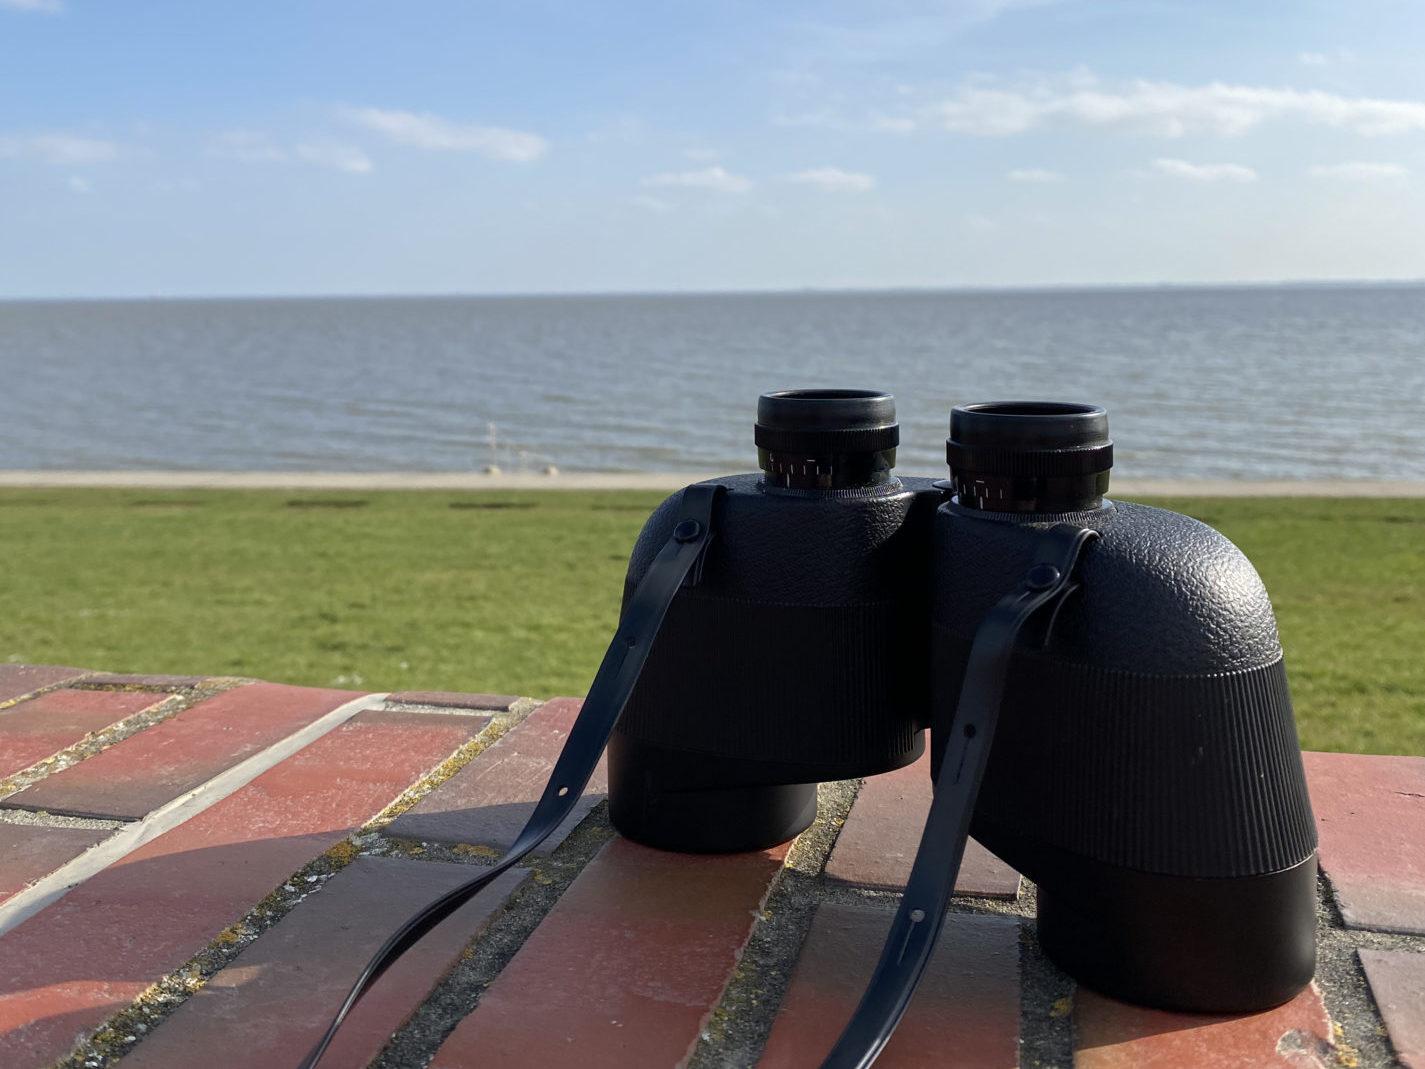 Fernglas am Südstrand Wilhelmshaven zum Beobachten der Schweinswale